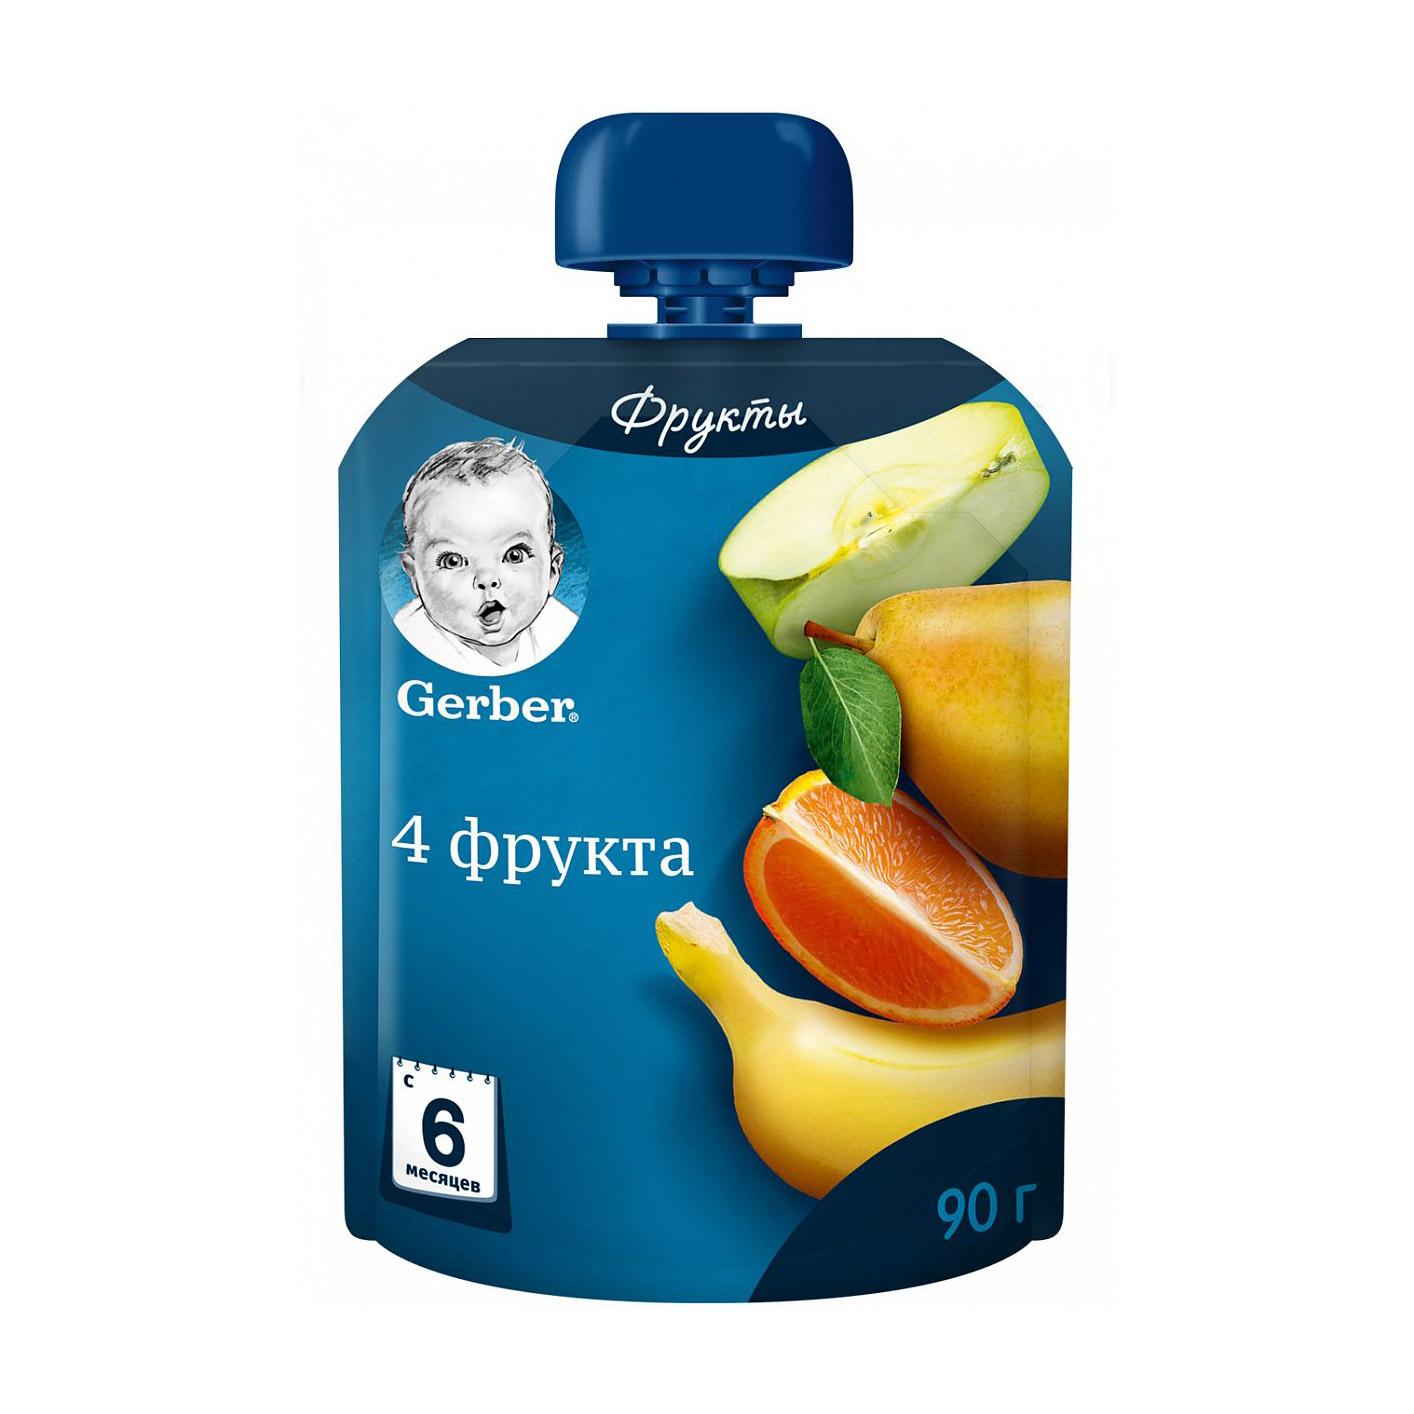 Пюре фруктовое Gerber 4 фрукта 90 г фото